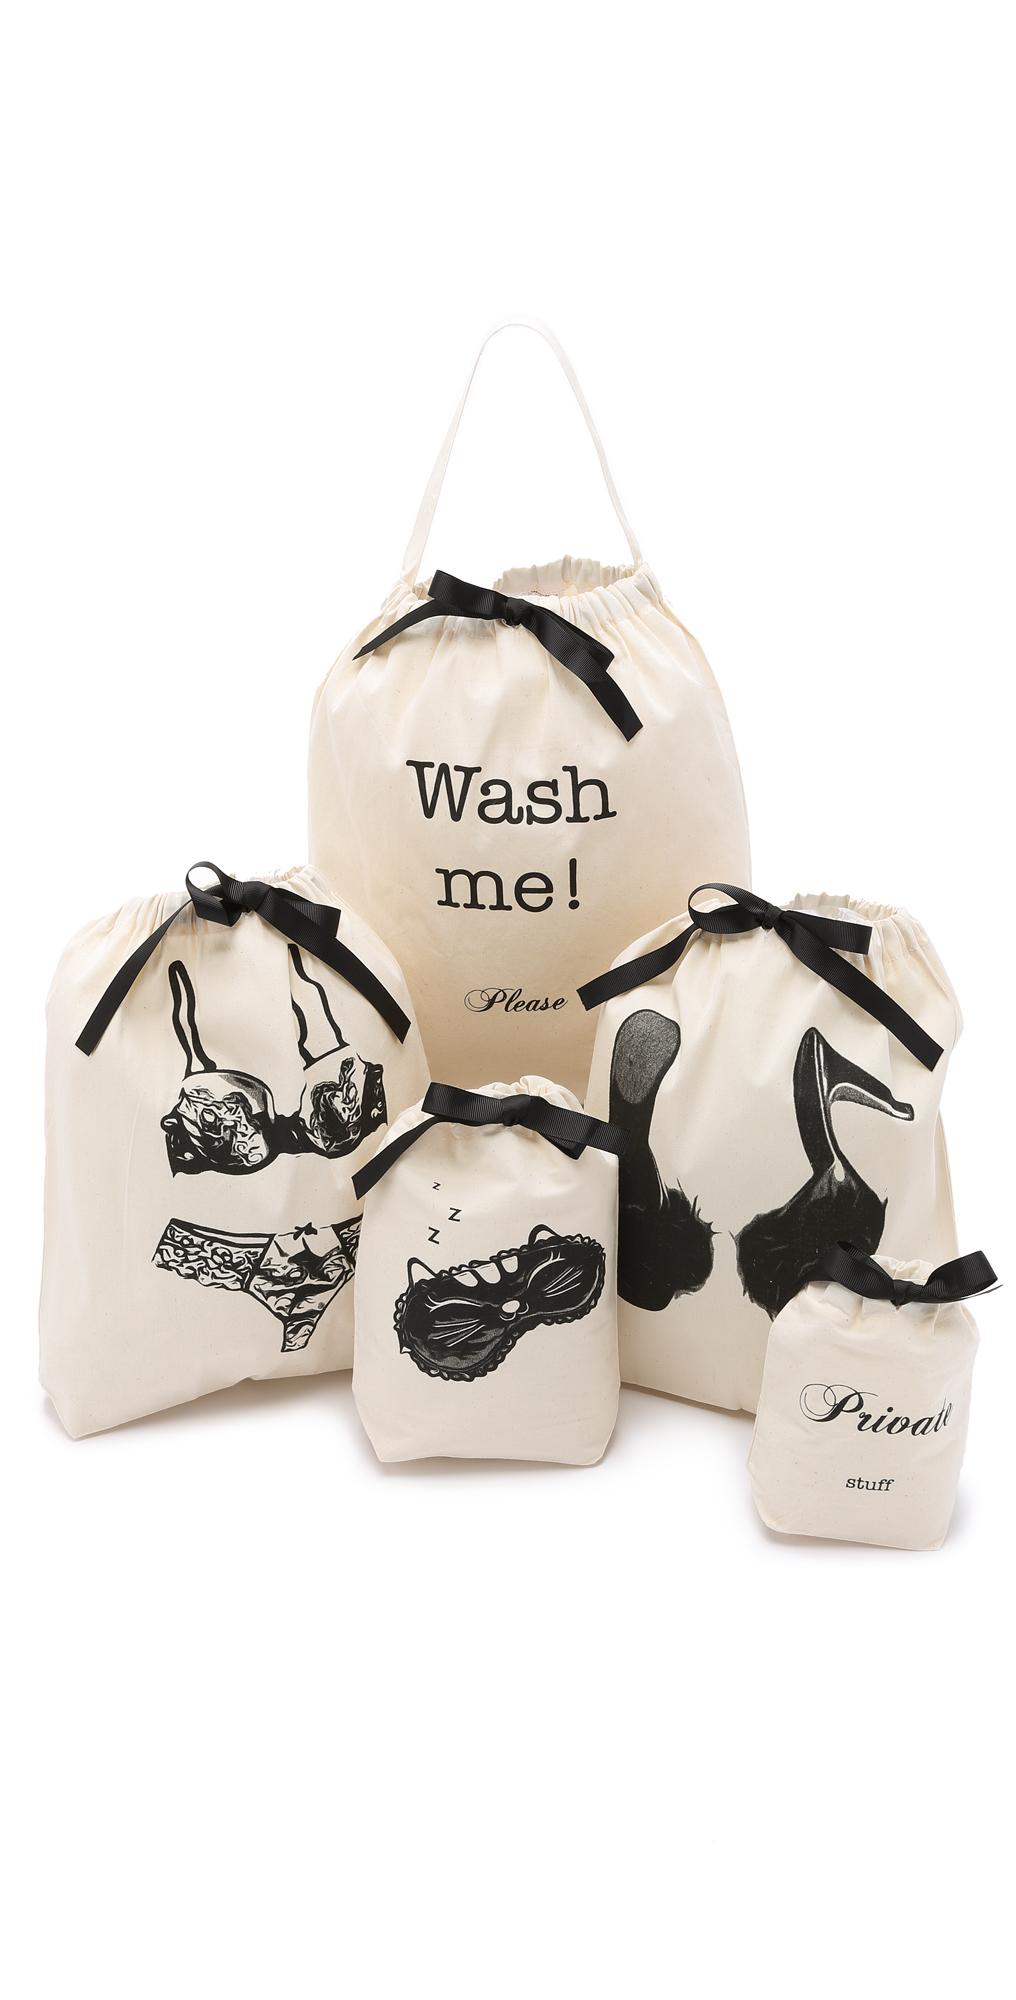 Resort Getaway Bag Set Bag-all